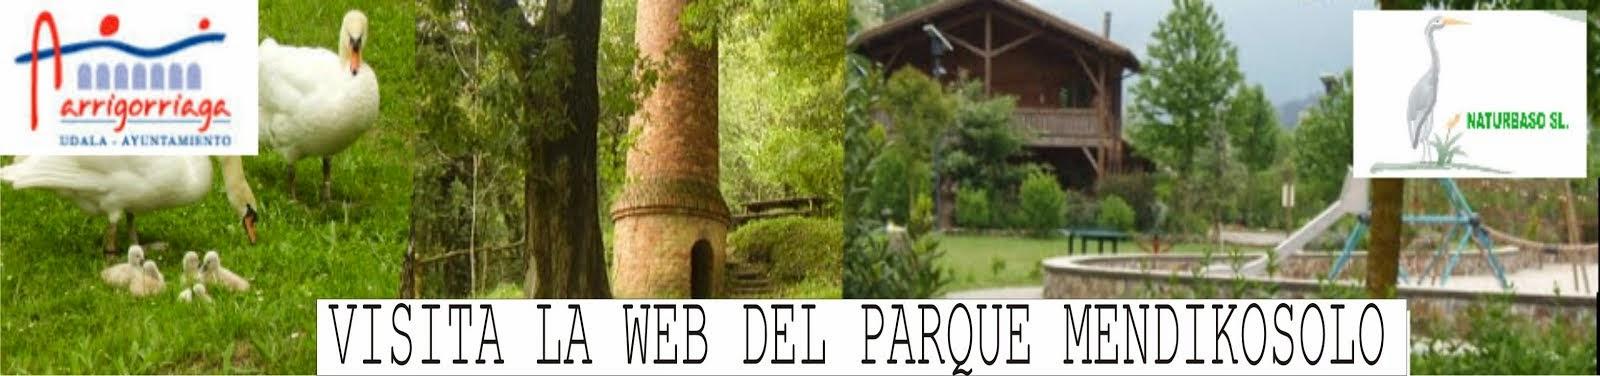 NUEVA WEB DE PARQUE MENDIKOSOLO